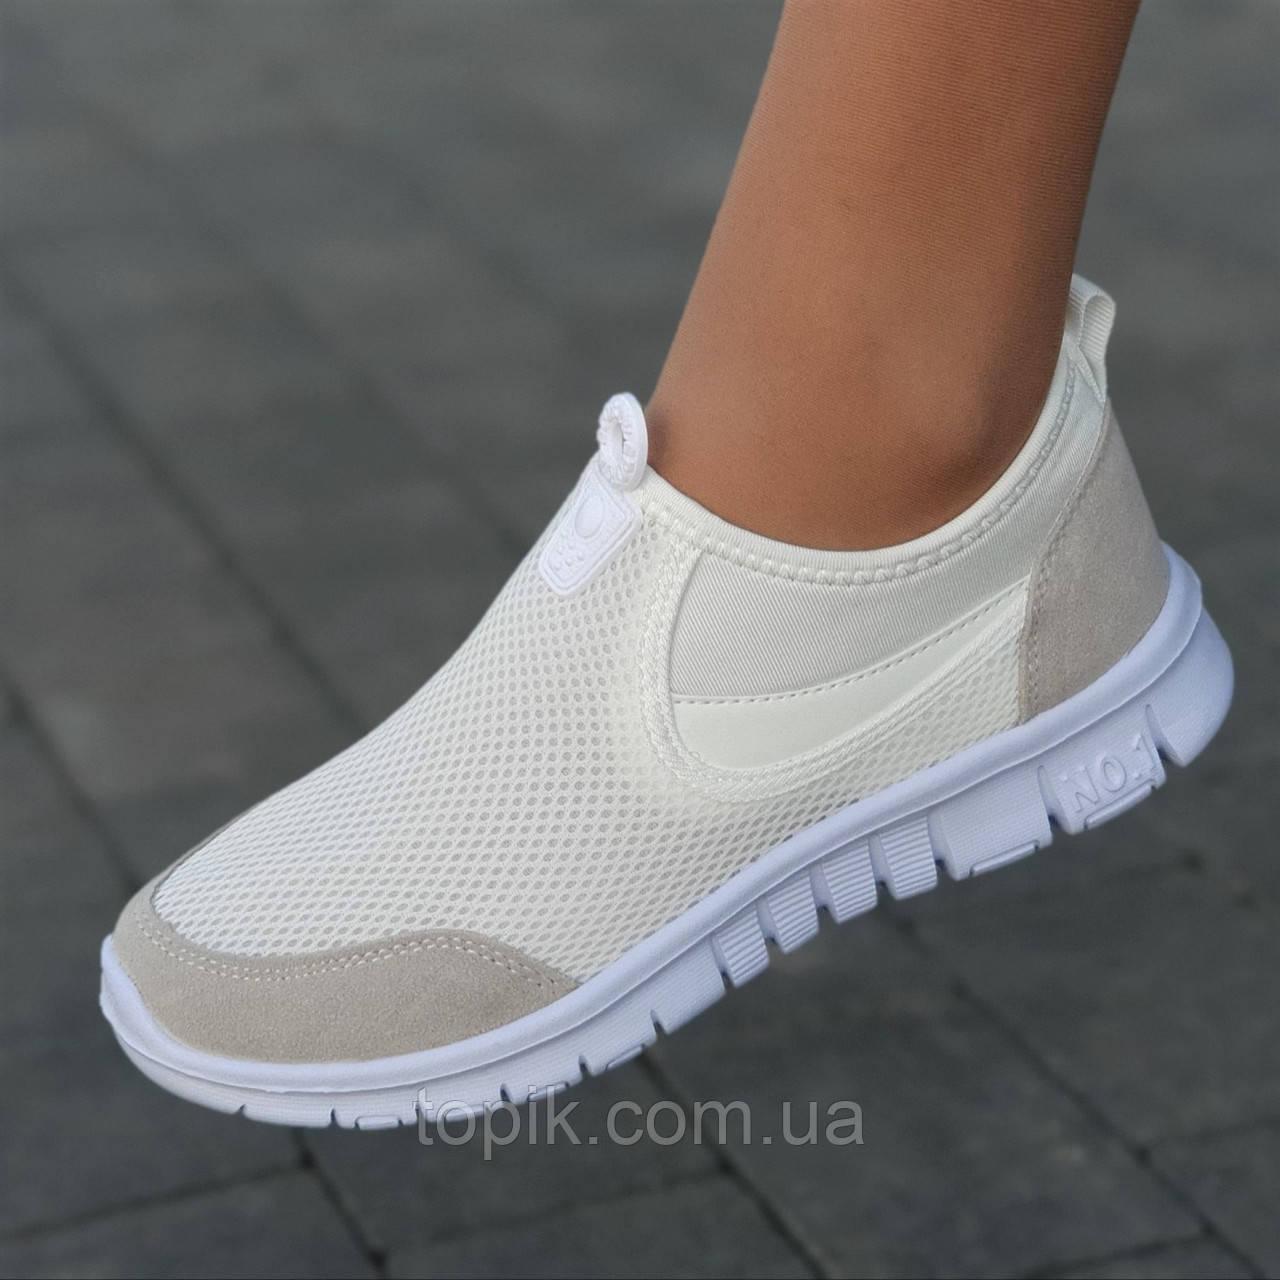 Сліпони жіночі білі літні весняні сітка для бігу (Код: 1691)